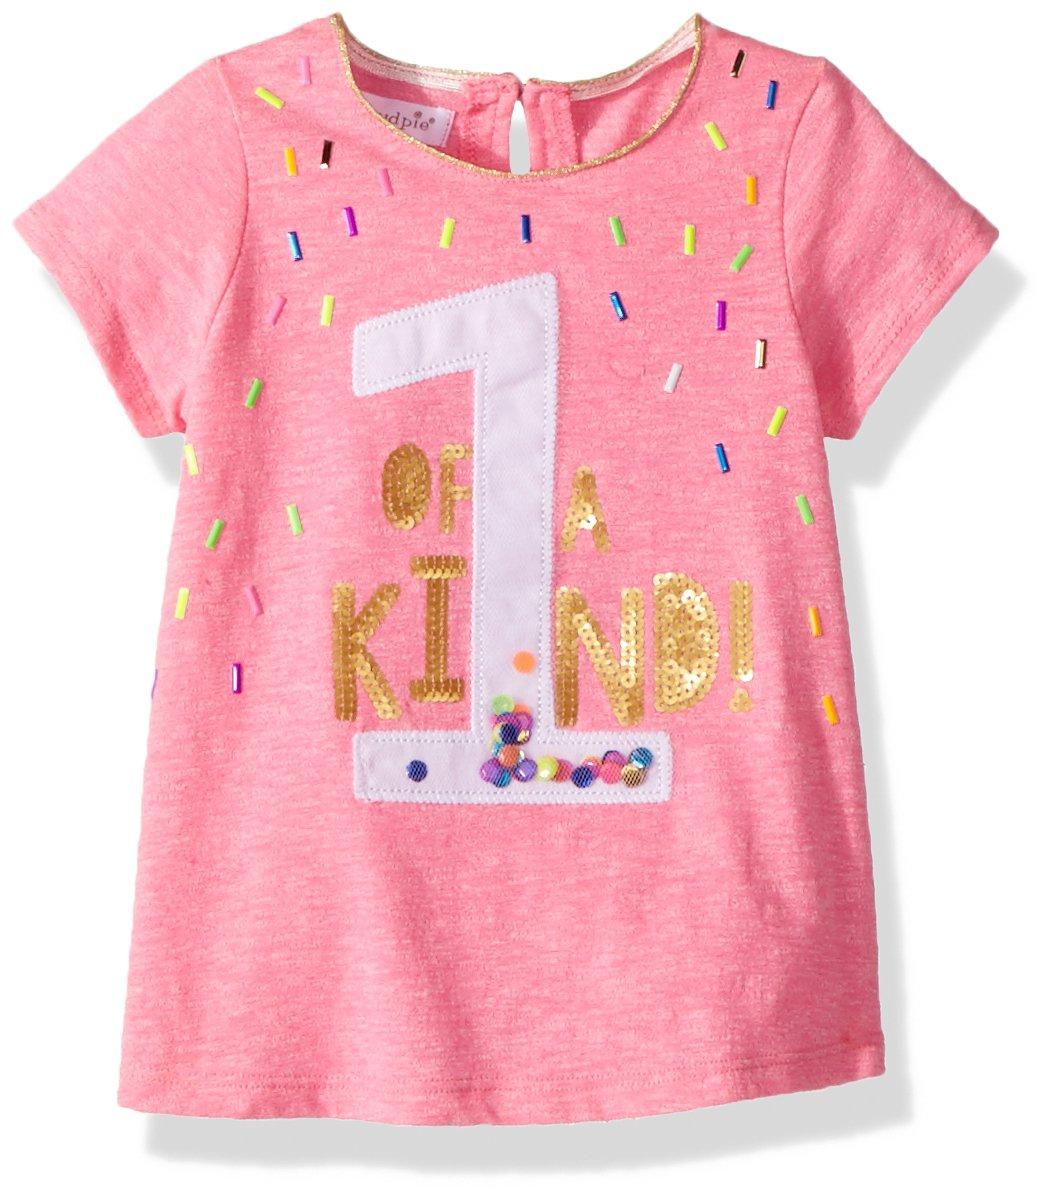 Mud Pie Baby Girls First Birthday Short Sleeve T-Shirt, Pink, 12-18 Months by Mud Pie